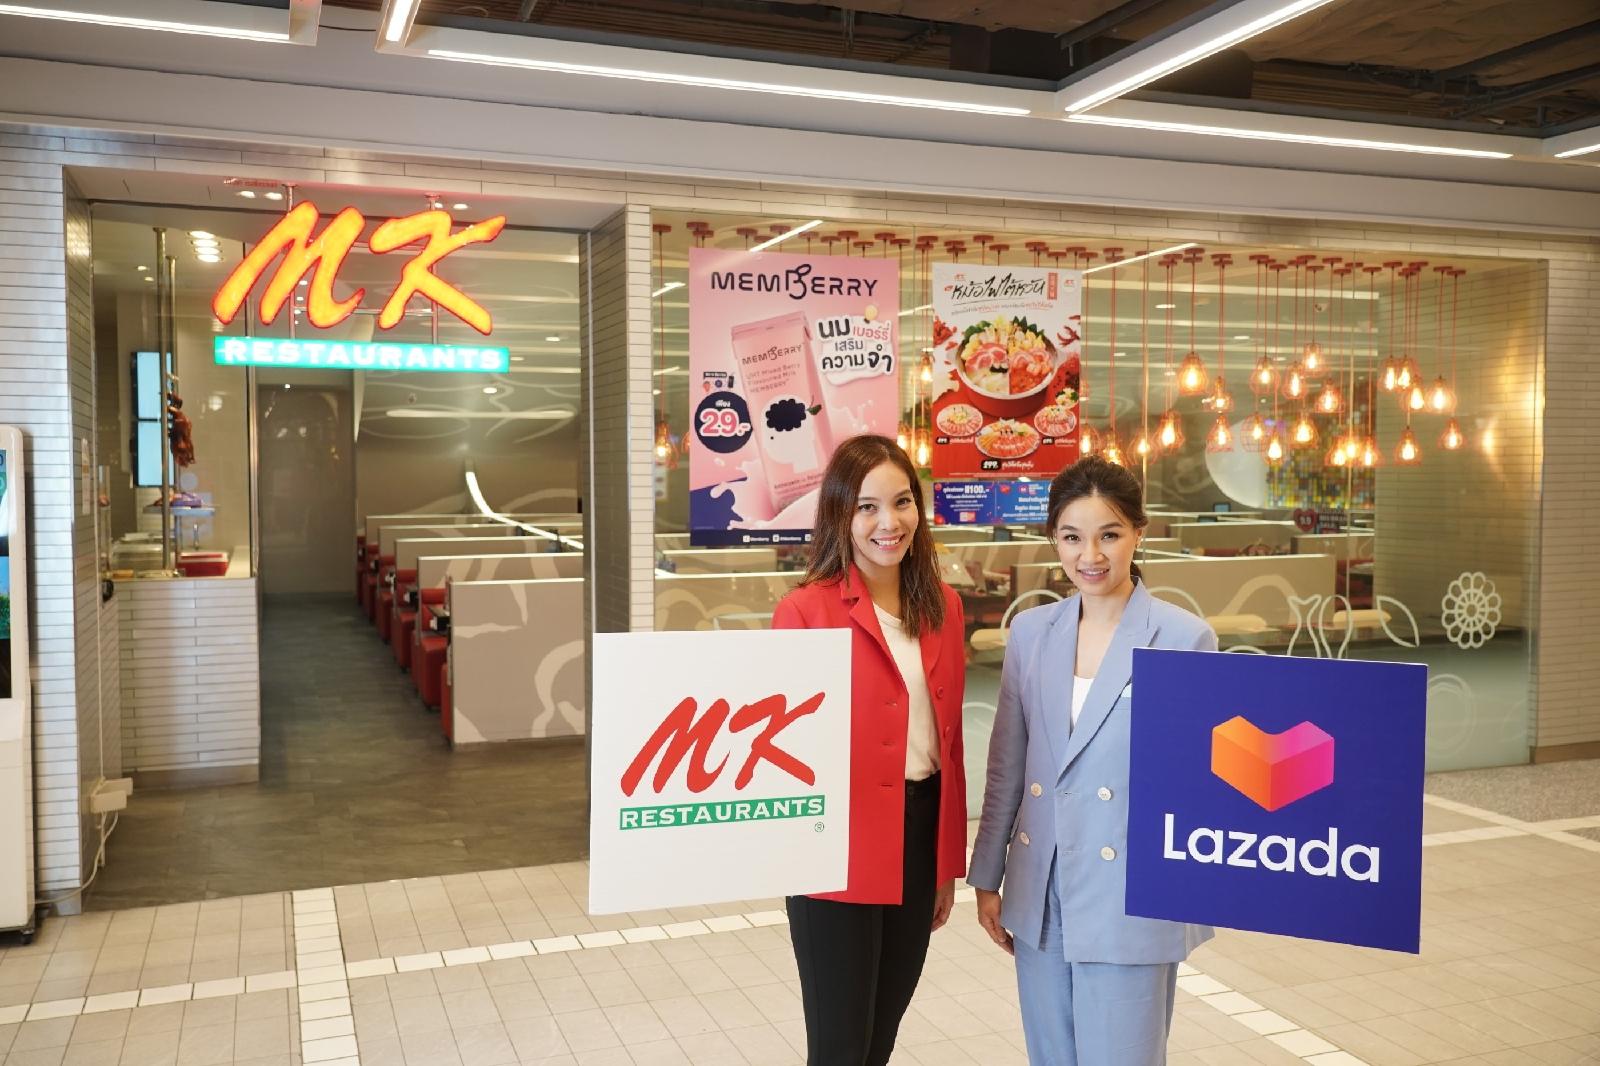 Lazada ผนึกกำลัง MK Restaurant เพิ่มโอกาสทางธุรกิจในยุคดิจิทัลตอกย้ำกลยุทธ์ออฟไลน์สู่ออนไลน์